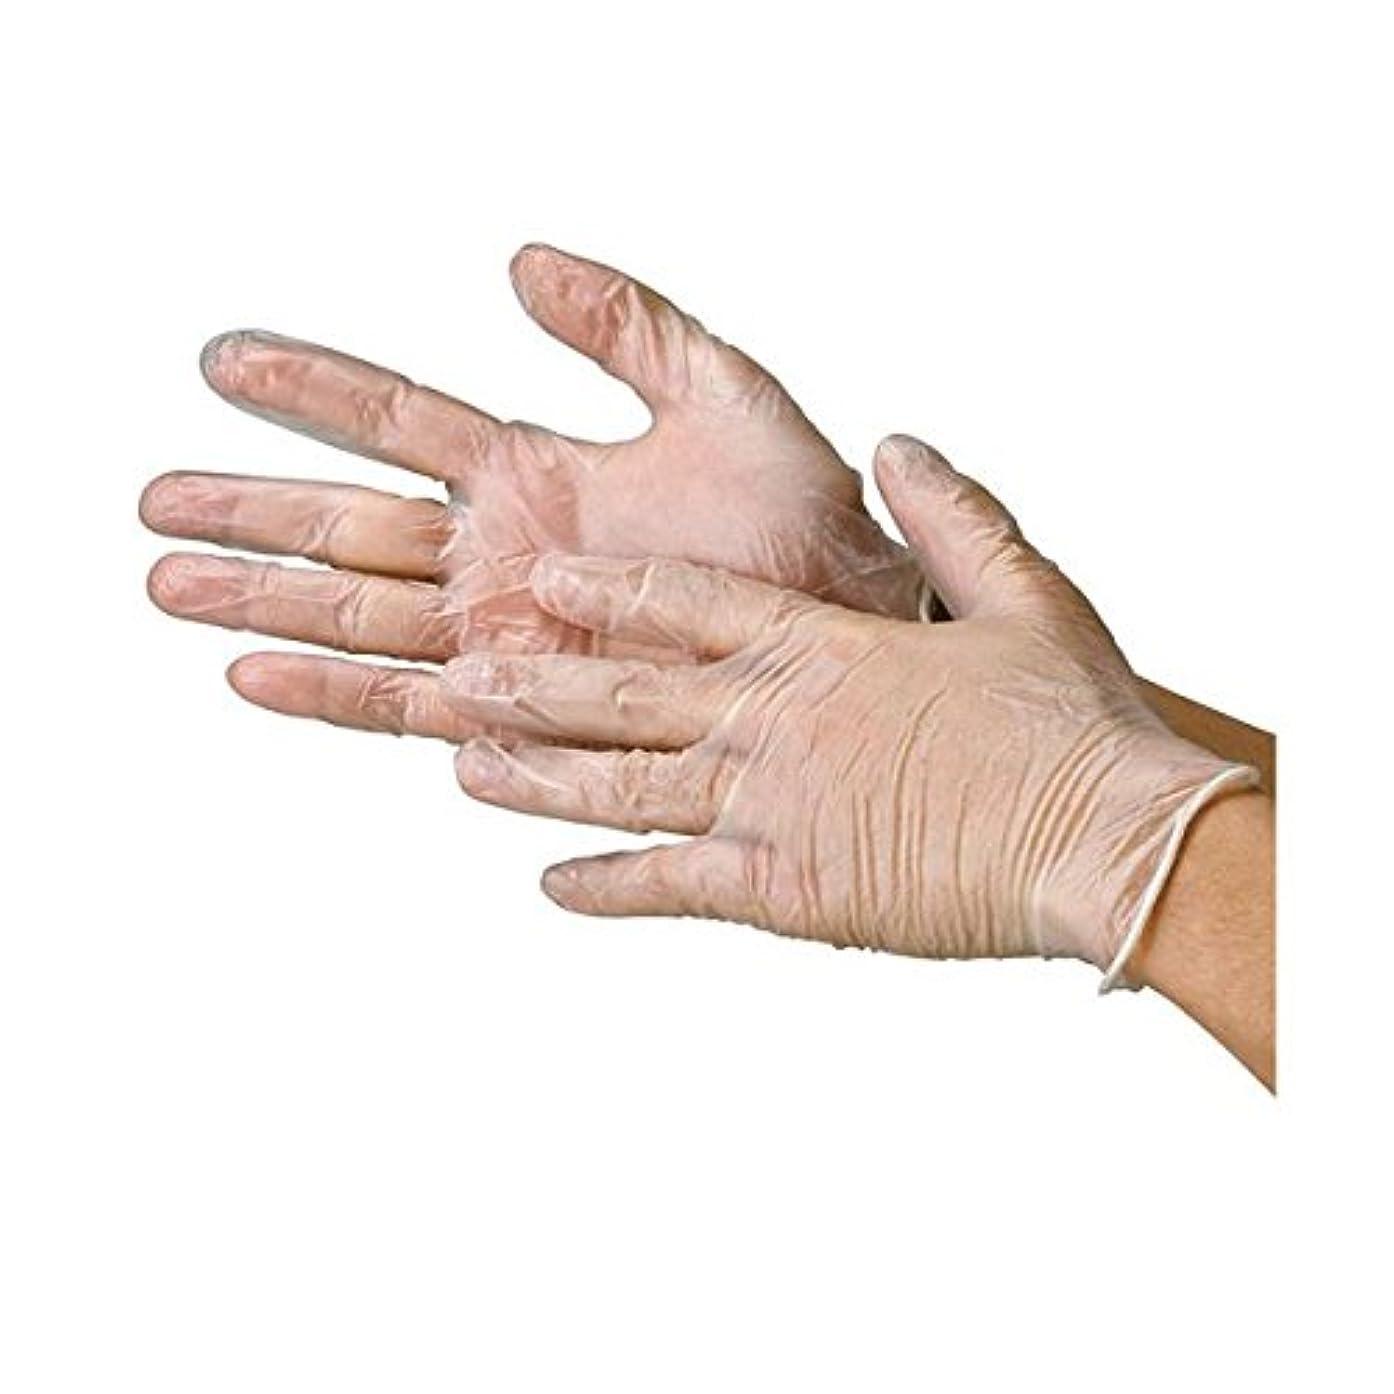 芝生契約した関係する川西工業 ビニール極薄手袋 粉なし S 20箱 ダイエット 健康 衛生用品 その他の衛生用品 14067381 [並行輸入品]